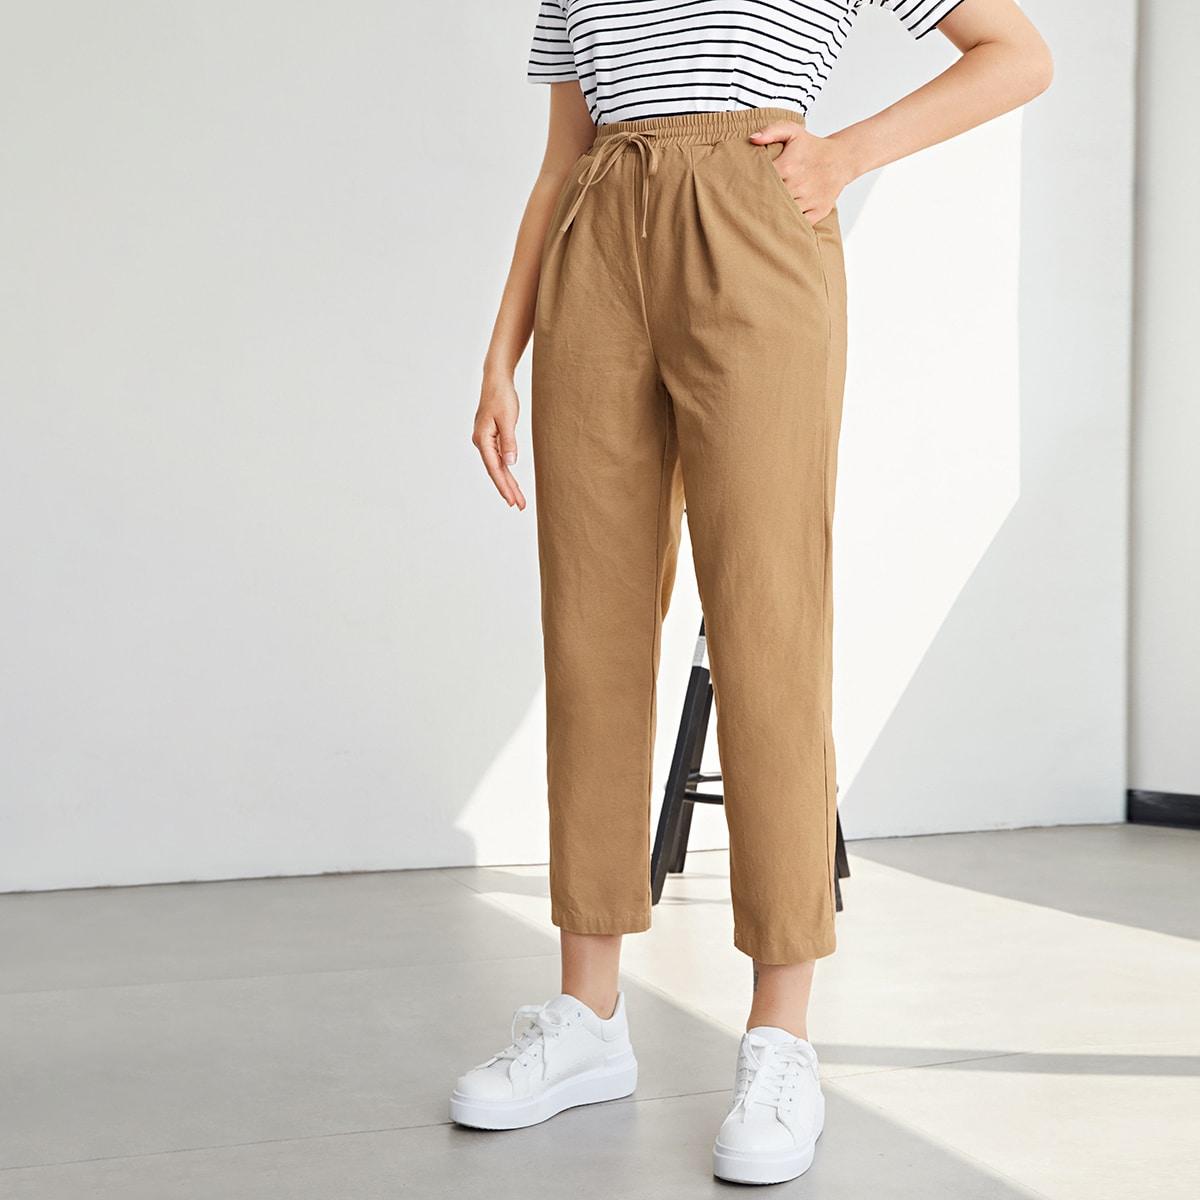 SHEIN / Pantalones cortos de cintura con cordón